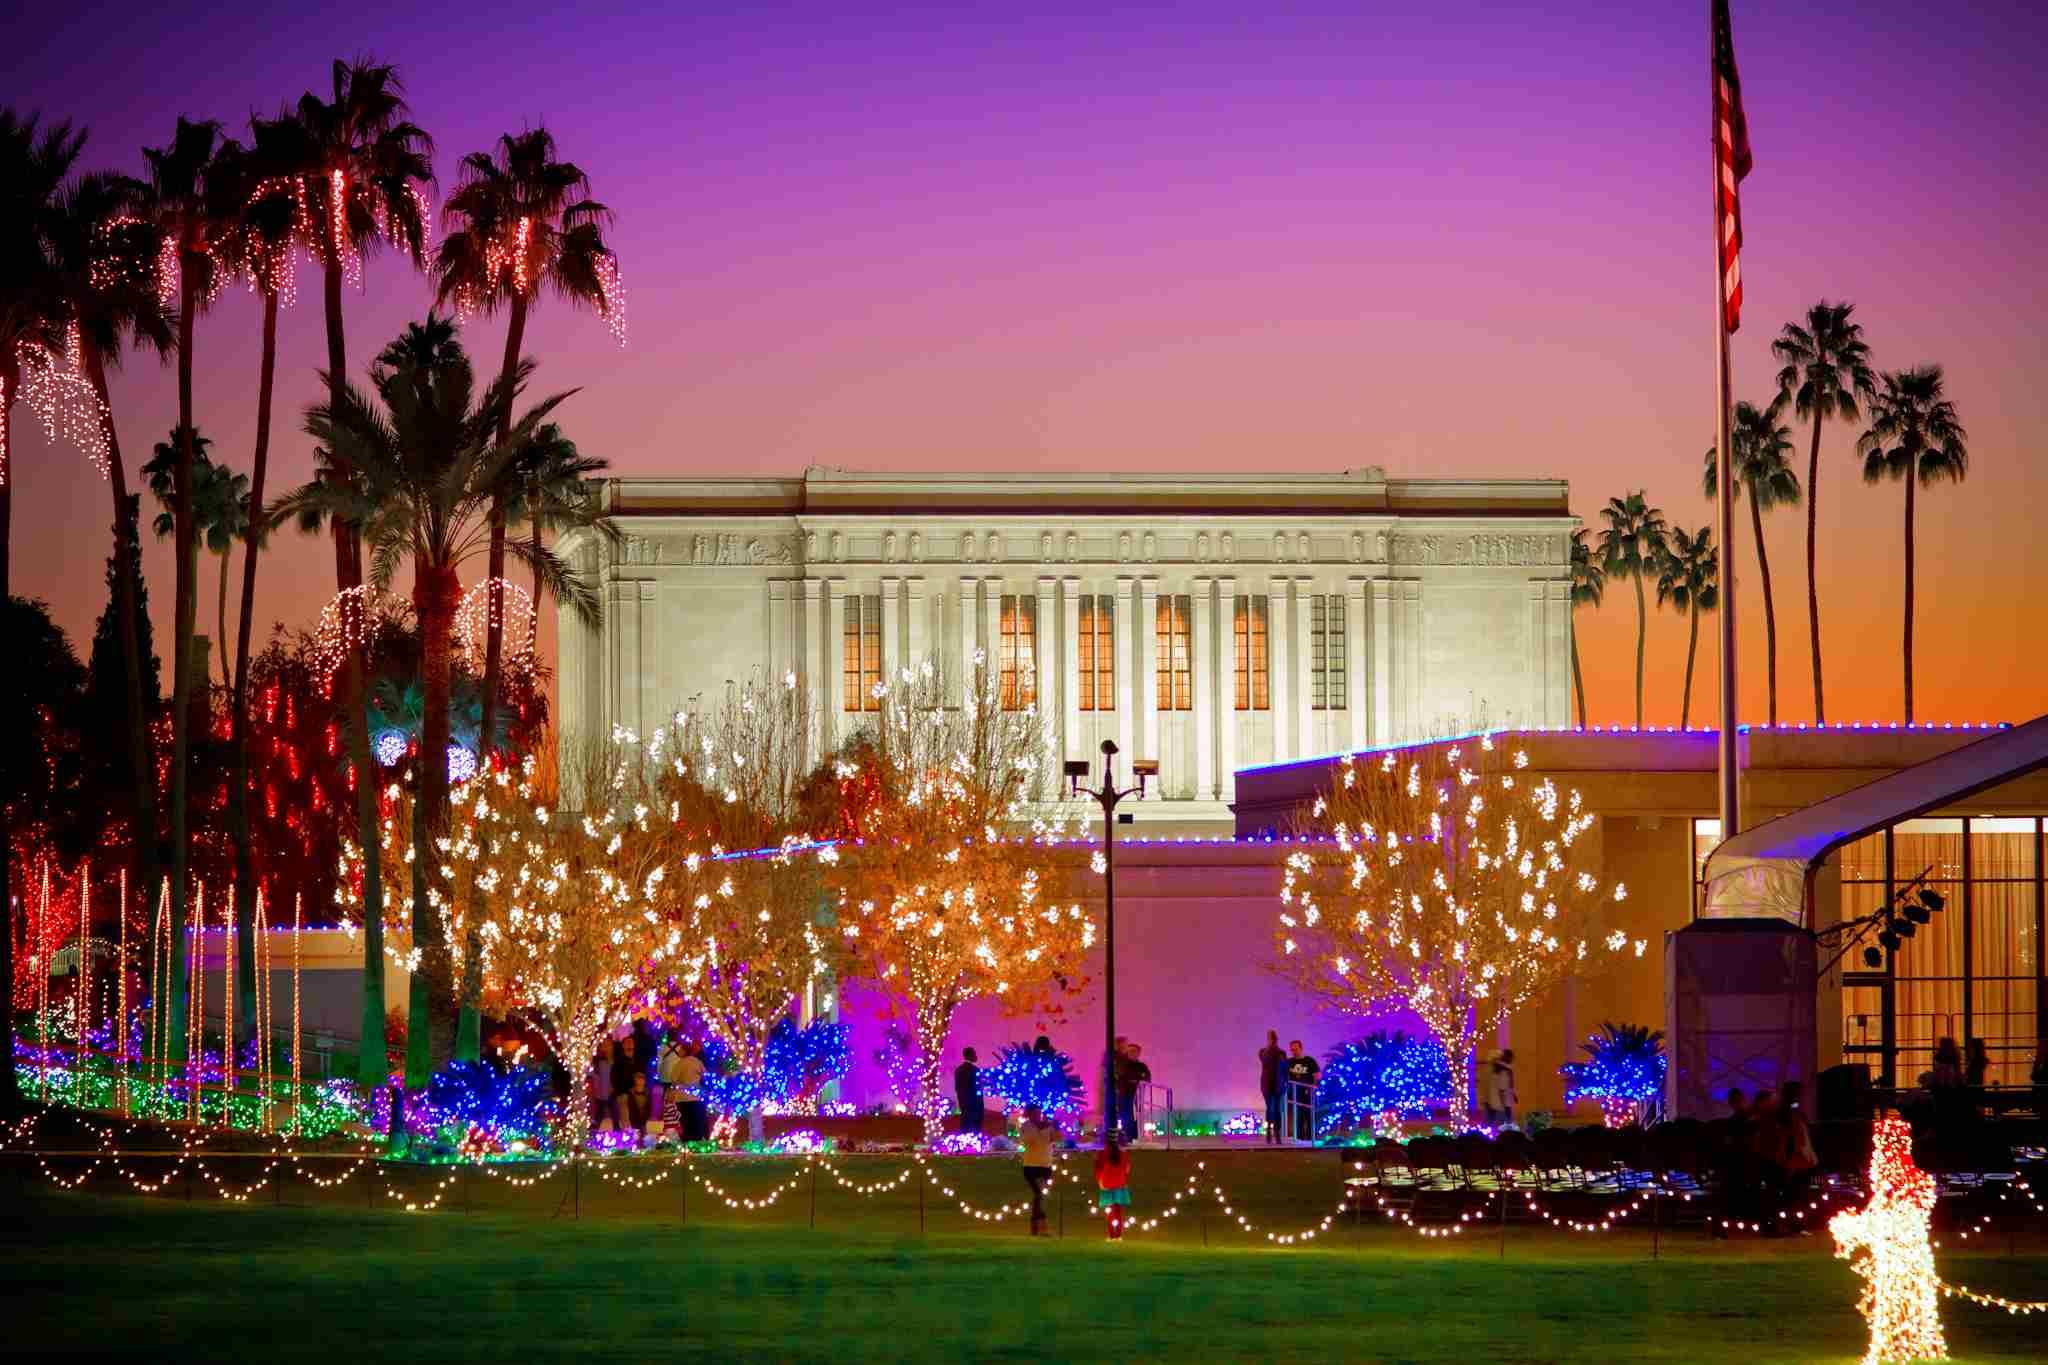 Philadelphia Restaurants Open Christmas Day 2020 Mesa Arizona Restaurants Open On Christmas Day 2020 | Gztxku